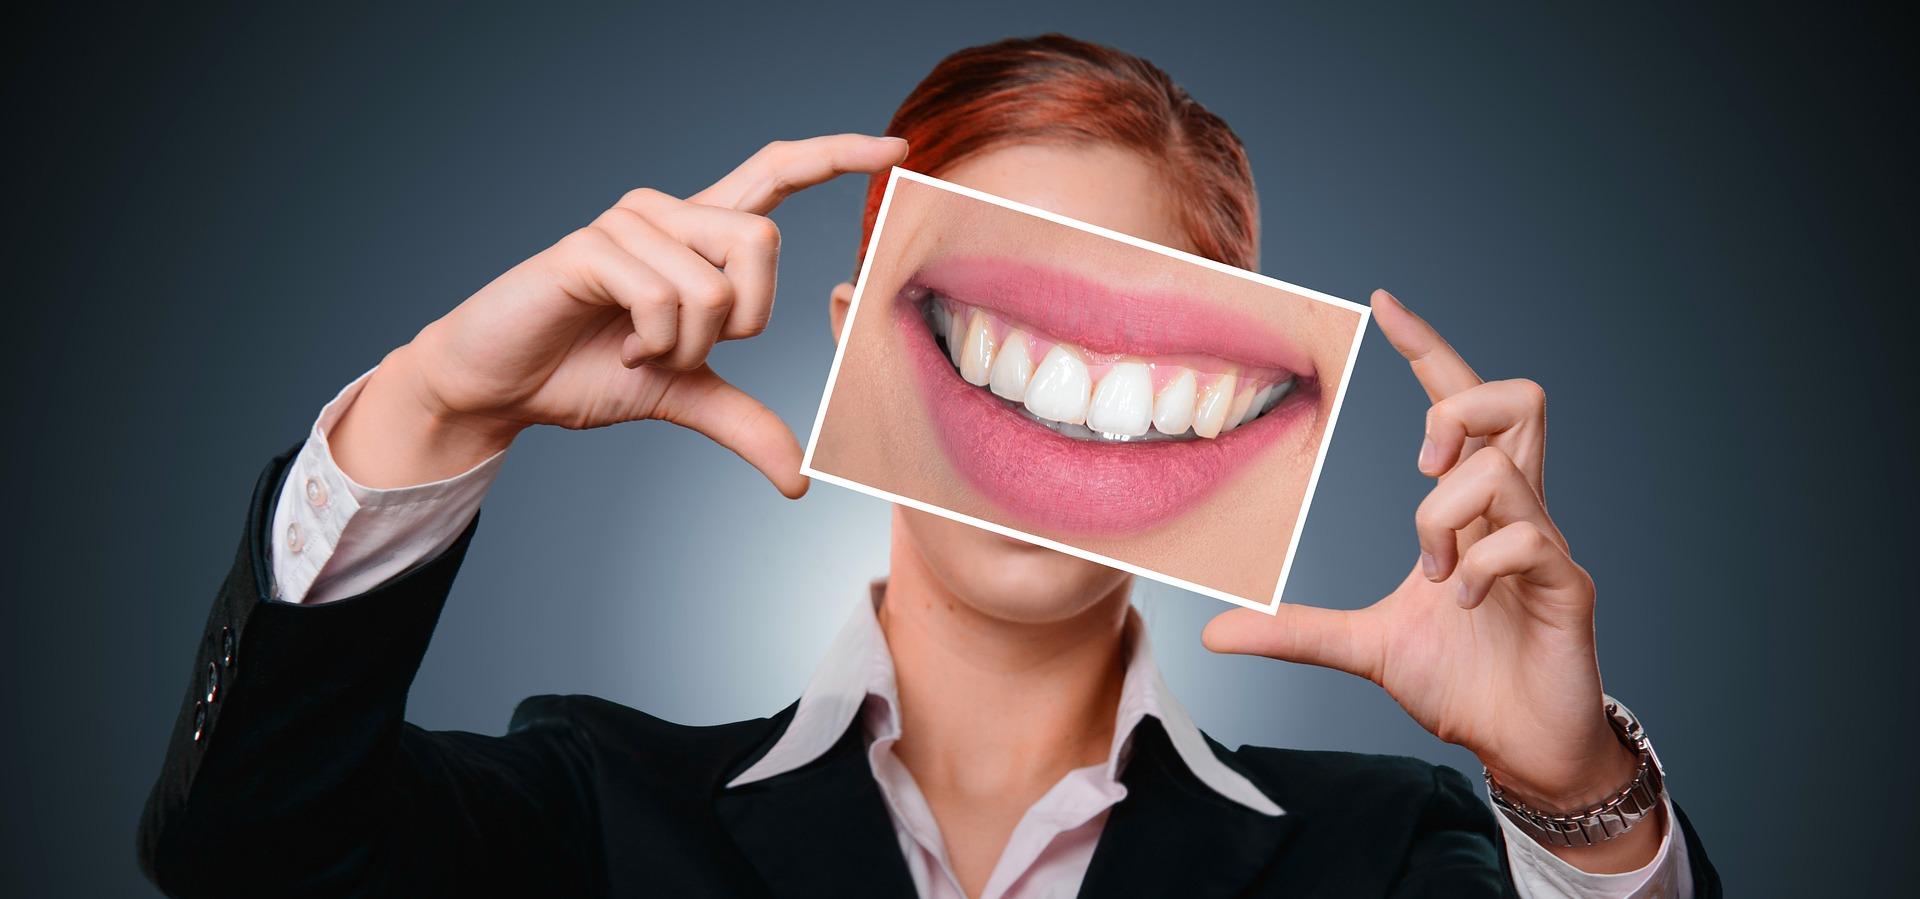 Zuby jsou naše vizitka